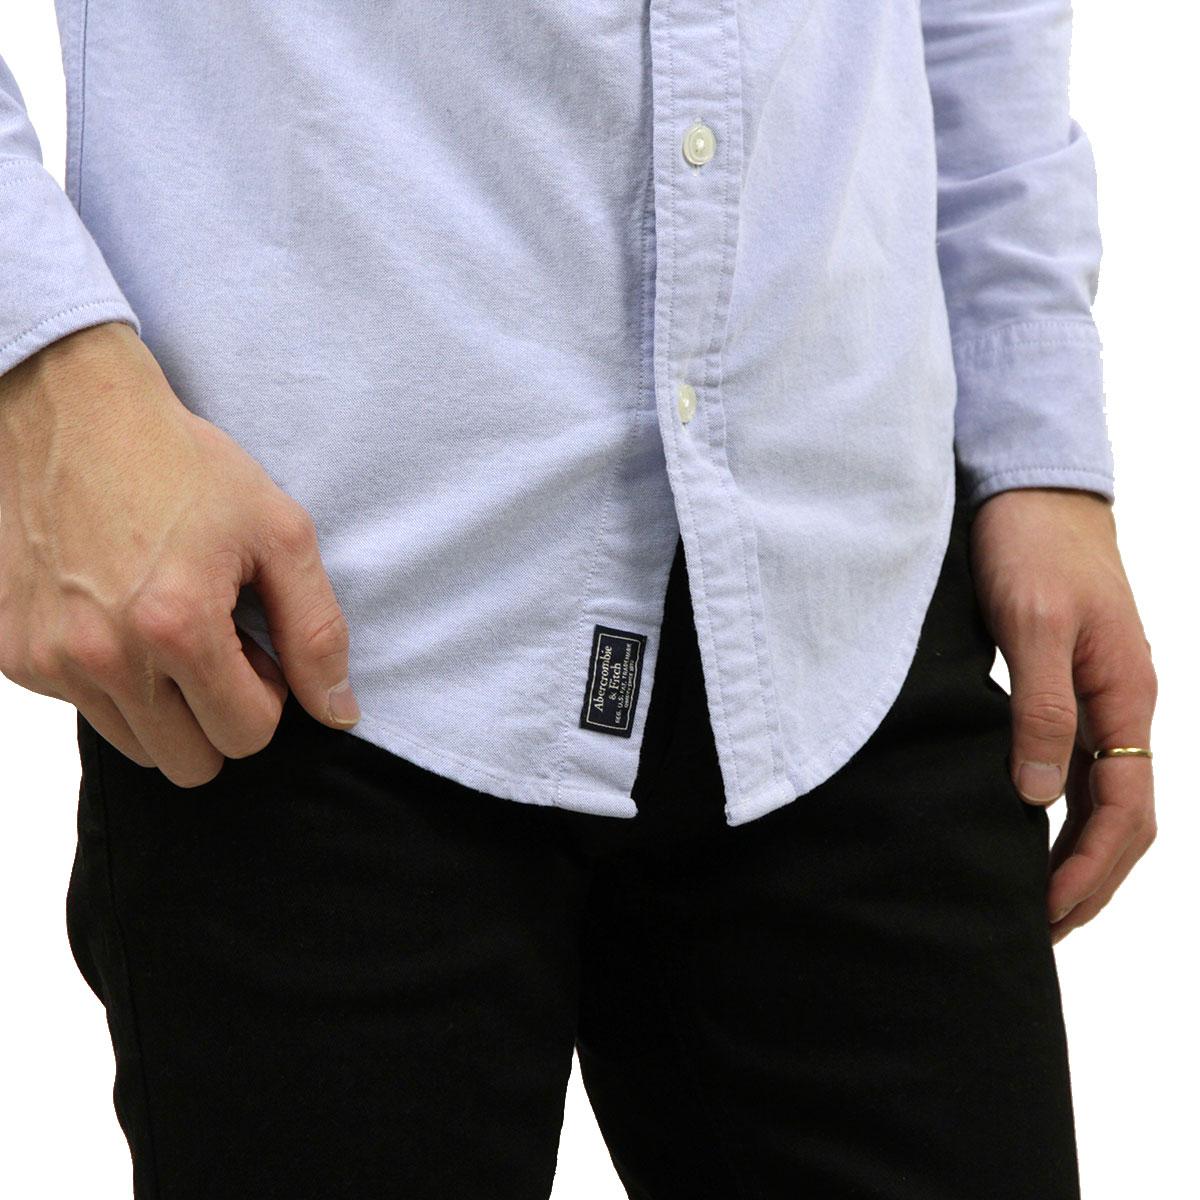 アバクロ シャツ メンズ 正規品 Abercrombie&Fitch 長袖シャツ ボタンダウンシャツ OXFORD SHIRT 125-125-1013-800 A02B B1C C1D D6E E07F